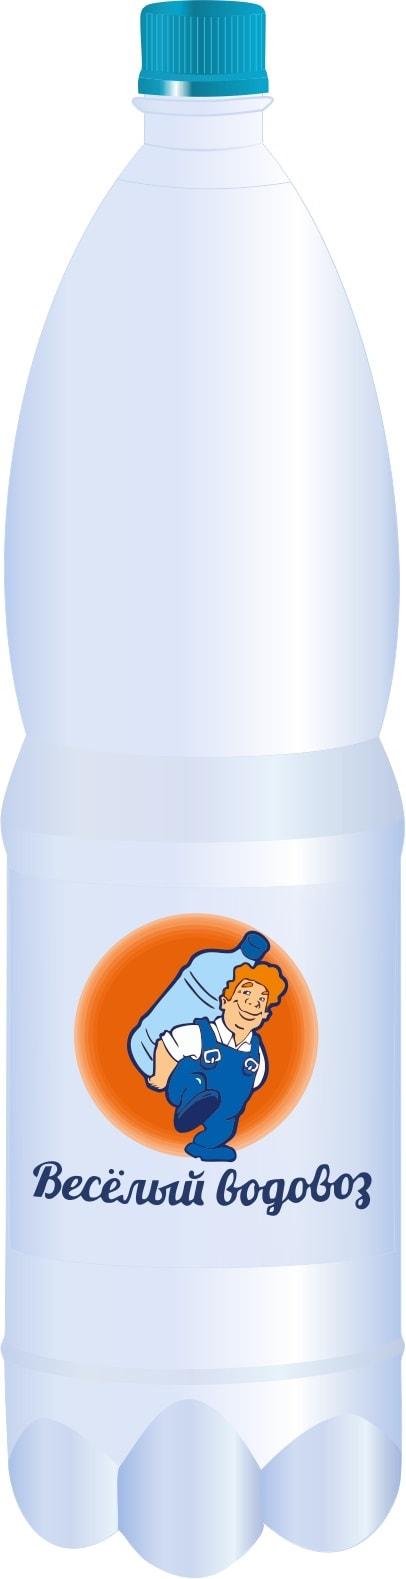 Питьевая вода Веселый водовоз 1,5 л